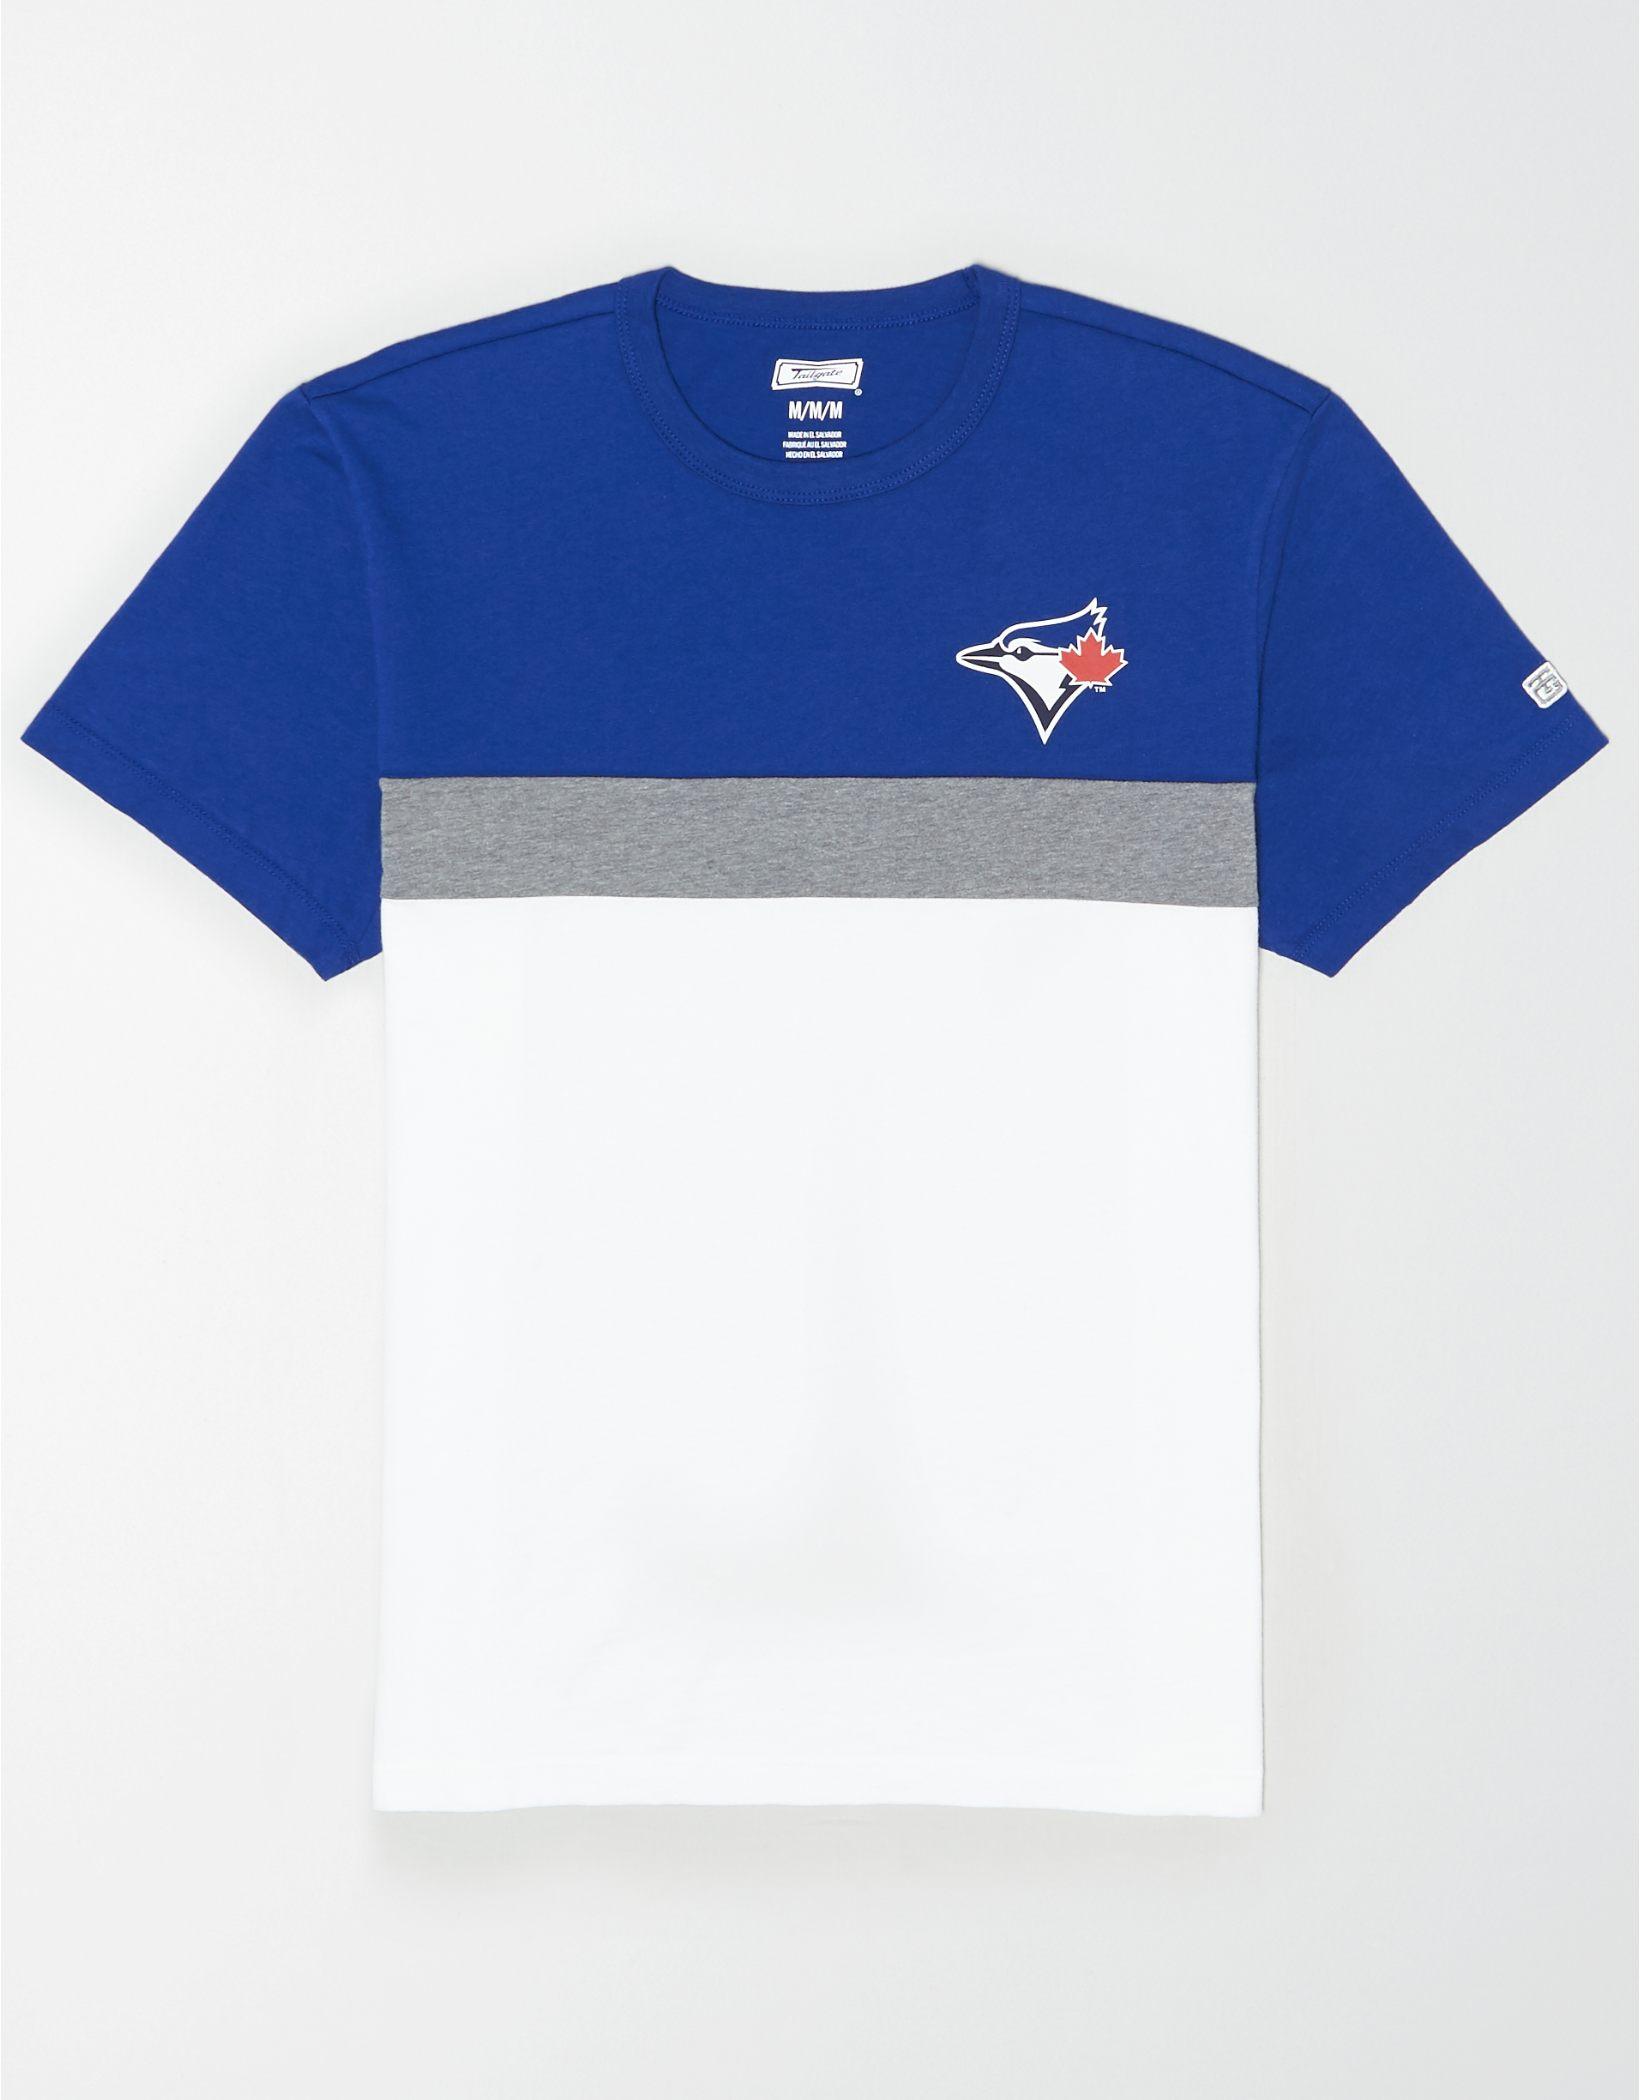 Tailgate Men's Toronto Blue Jays Colorblock T-Shirt